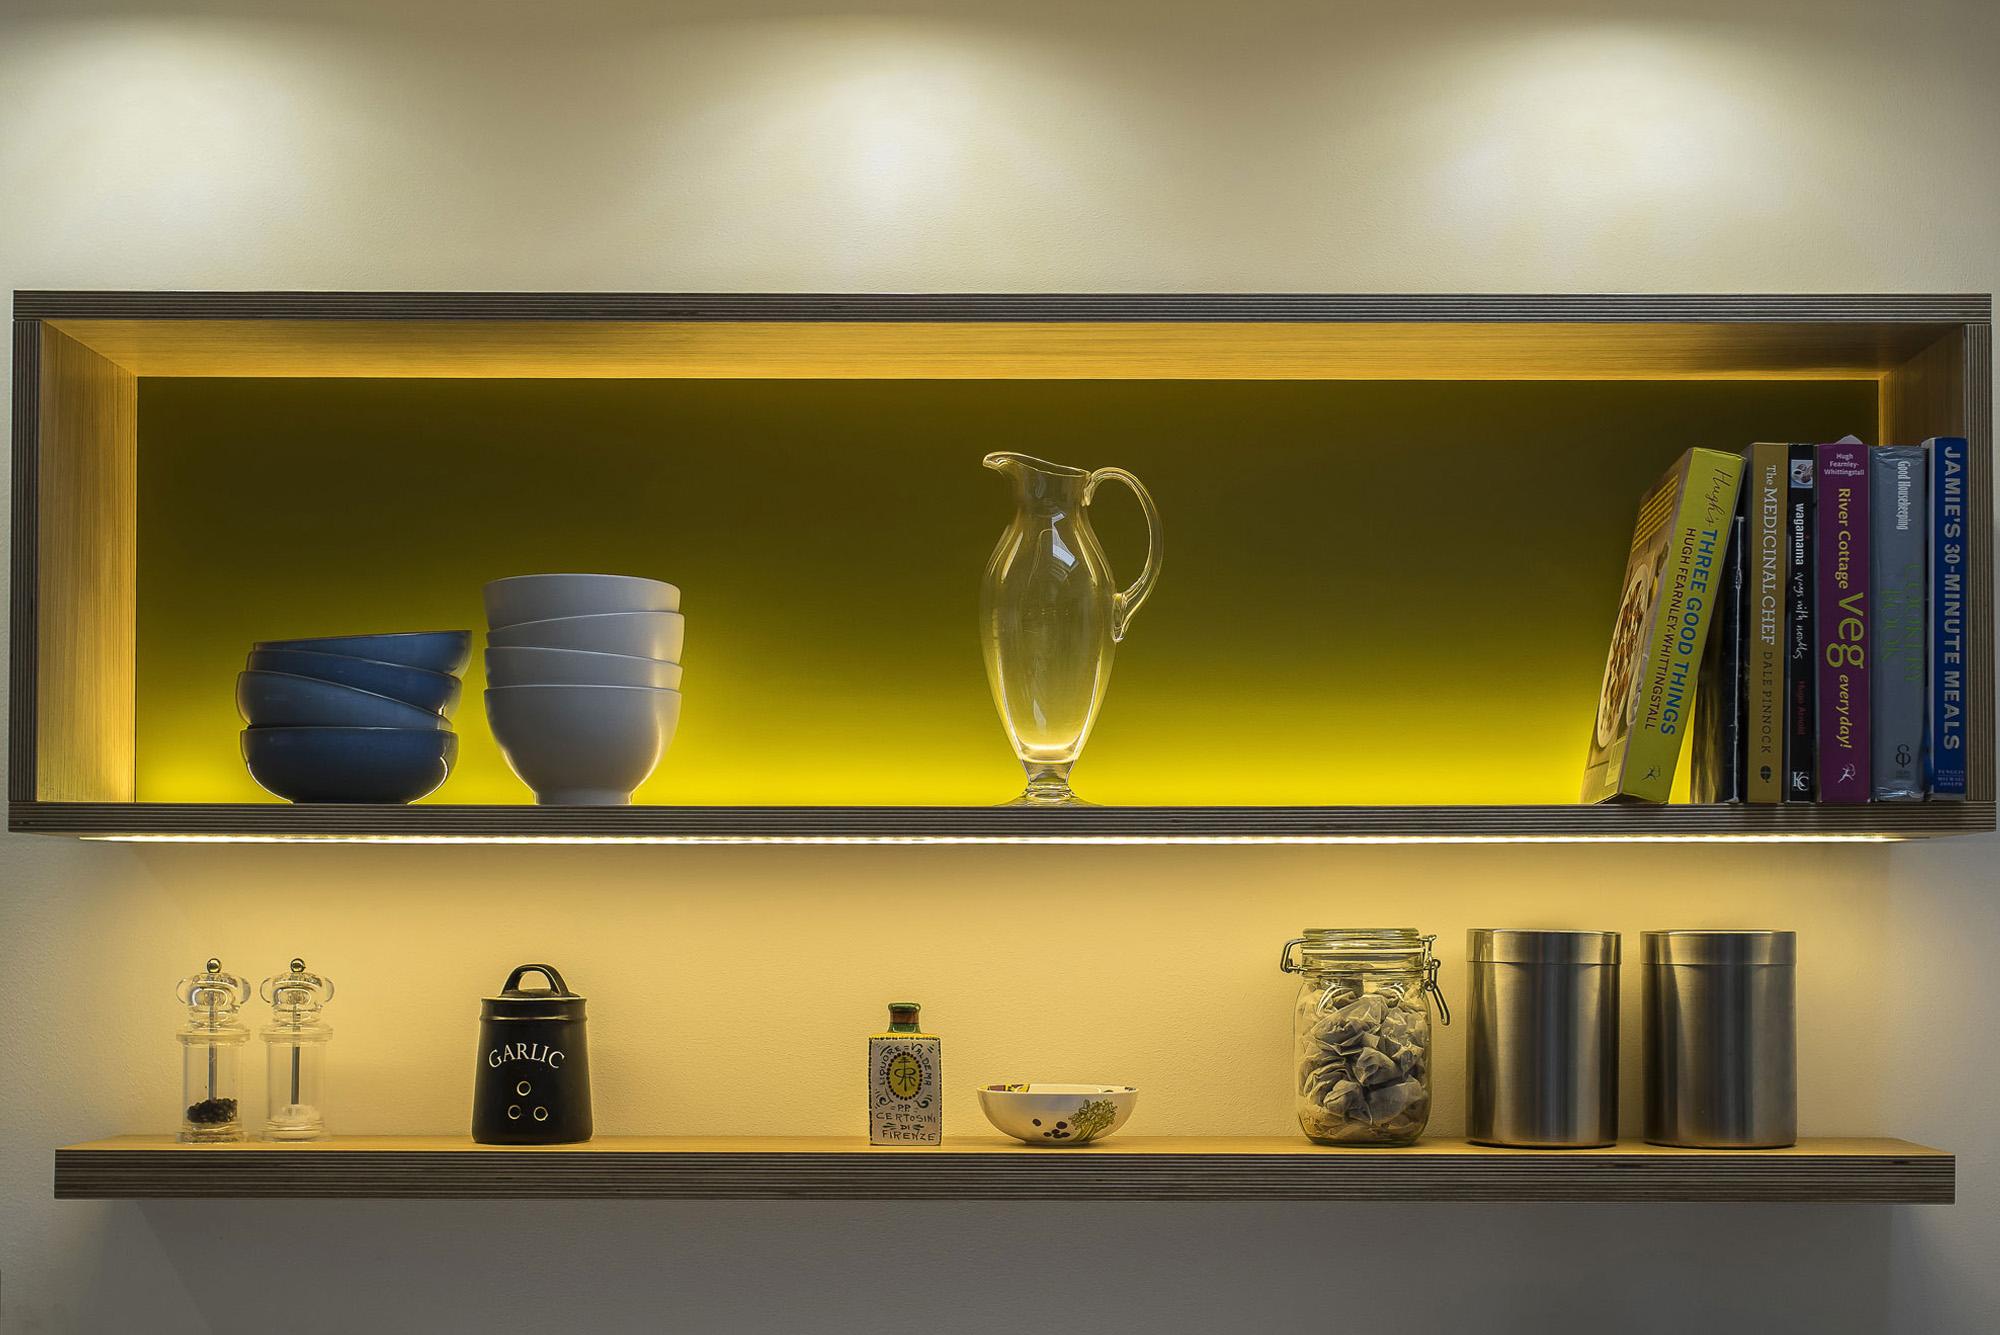 illuminated shelves